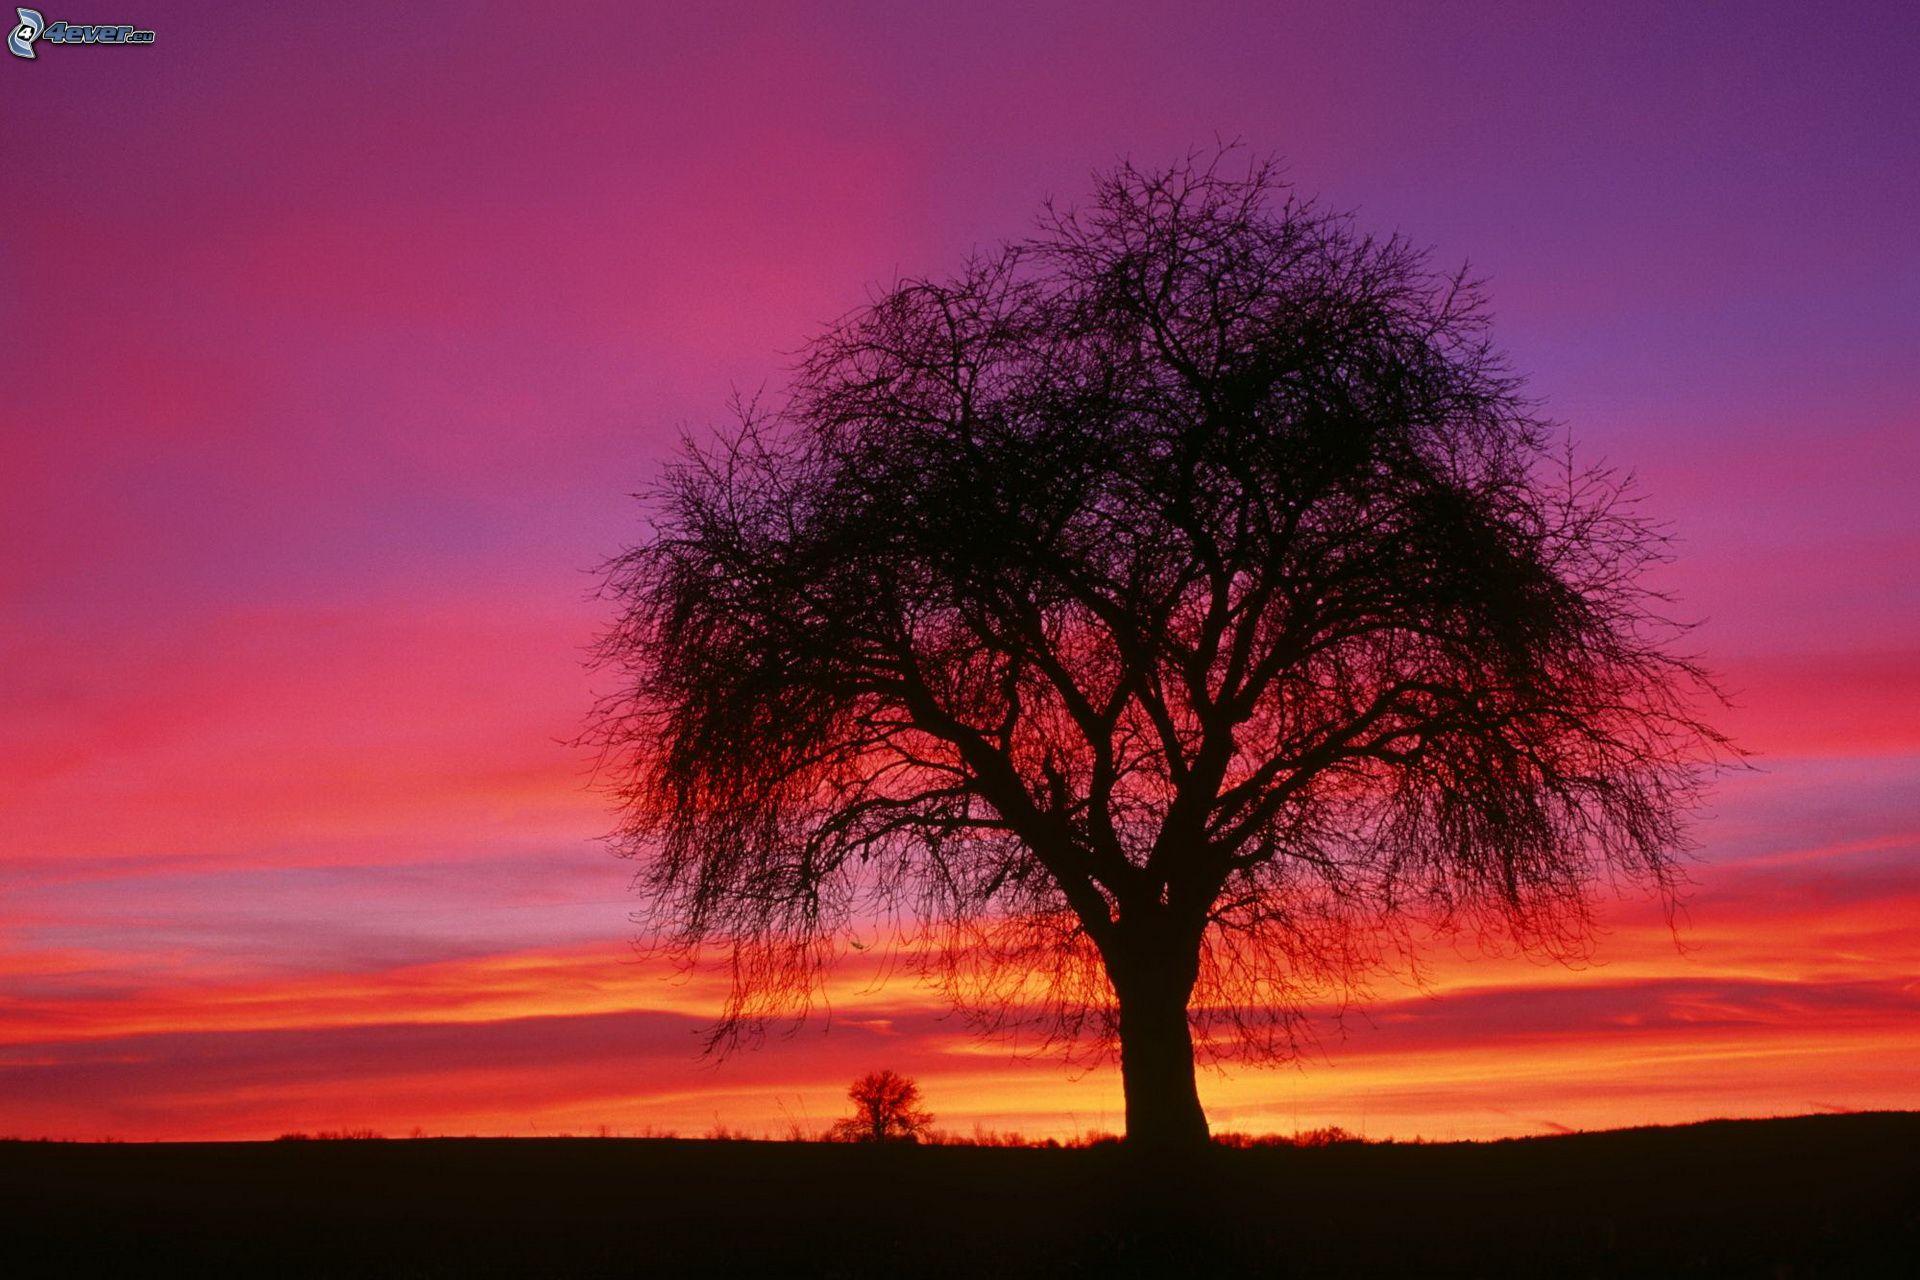 arbre solitaire aprs le coucher du soleil silhouette de larbre ciel violet - Arbre Ciel